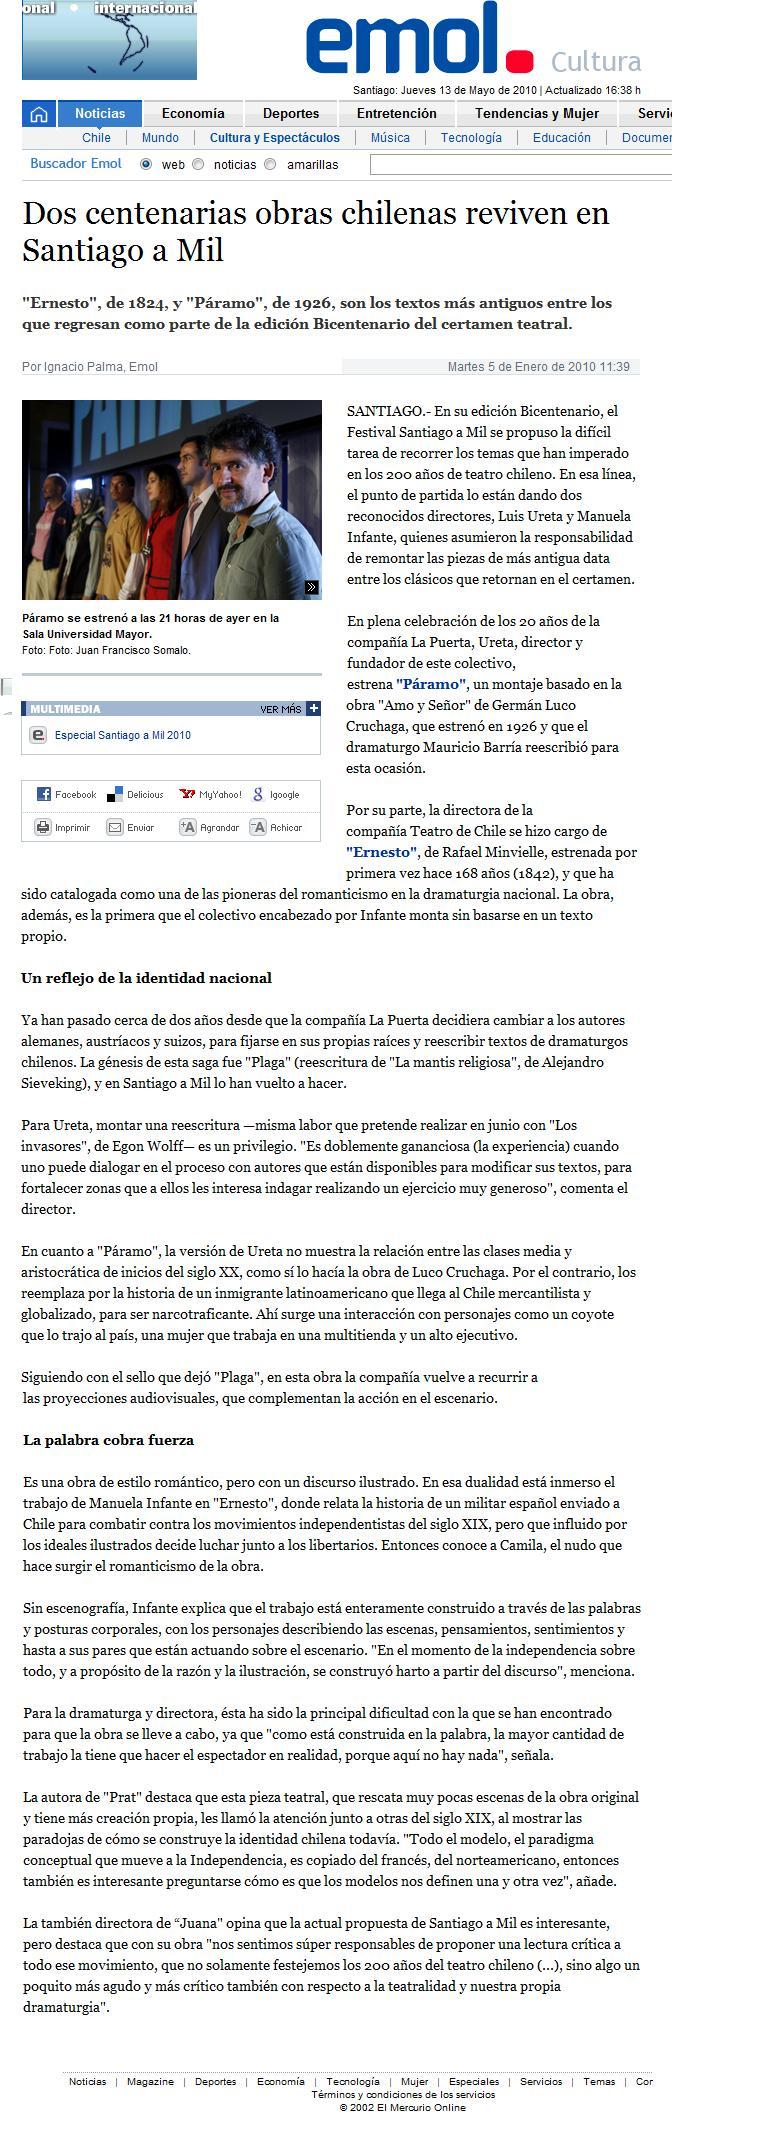 Emol.com. Cultura. 05.01.10